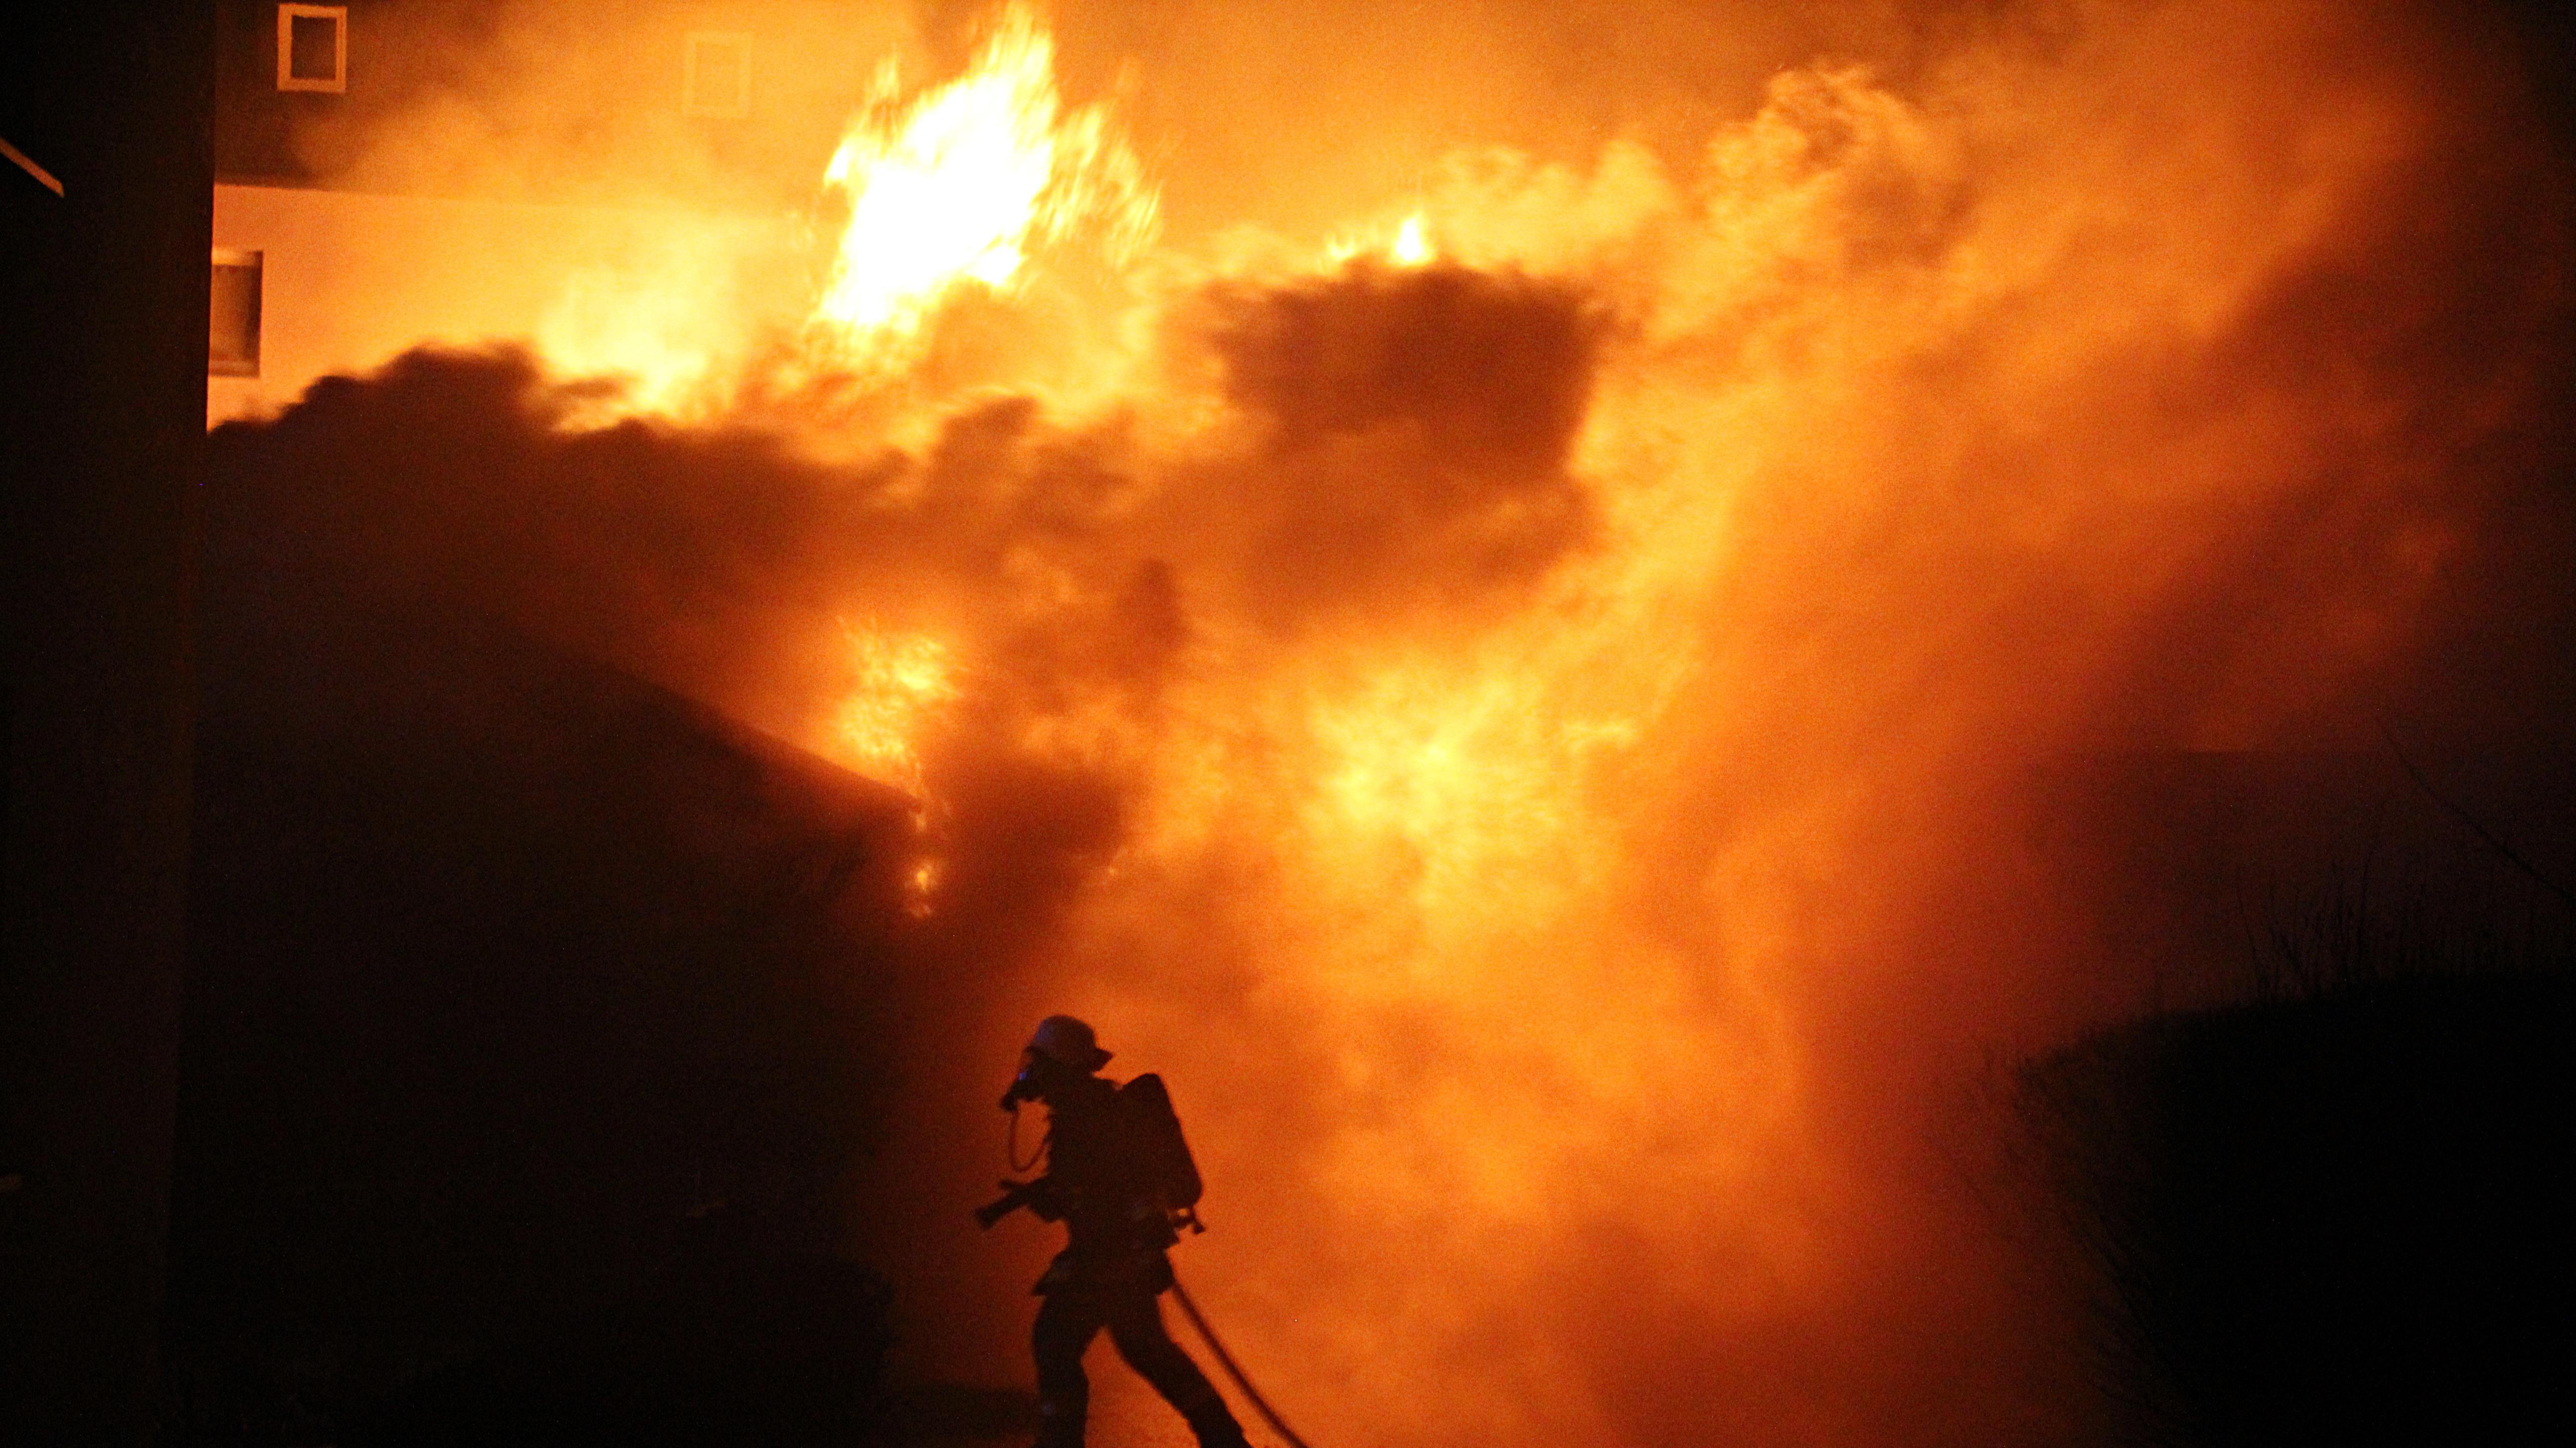 Meter hohe Flammen schlagen in den Himmel. Der Holzschuppen neben einem Wohnhaus brannte komplett nieder.